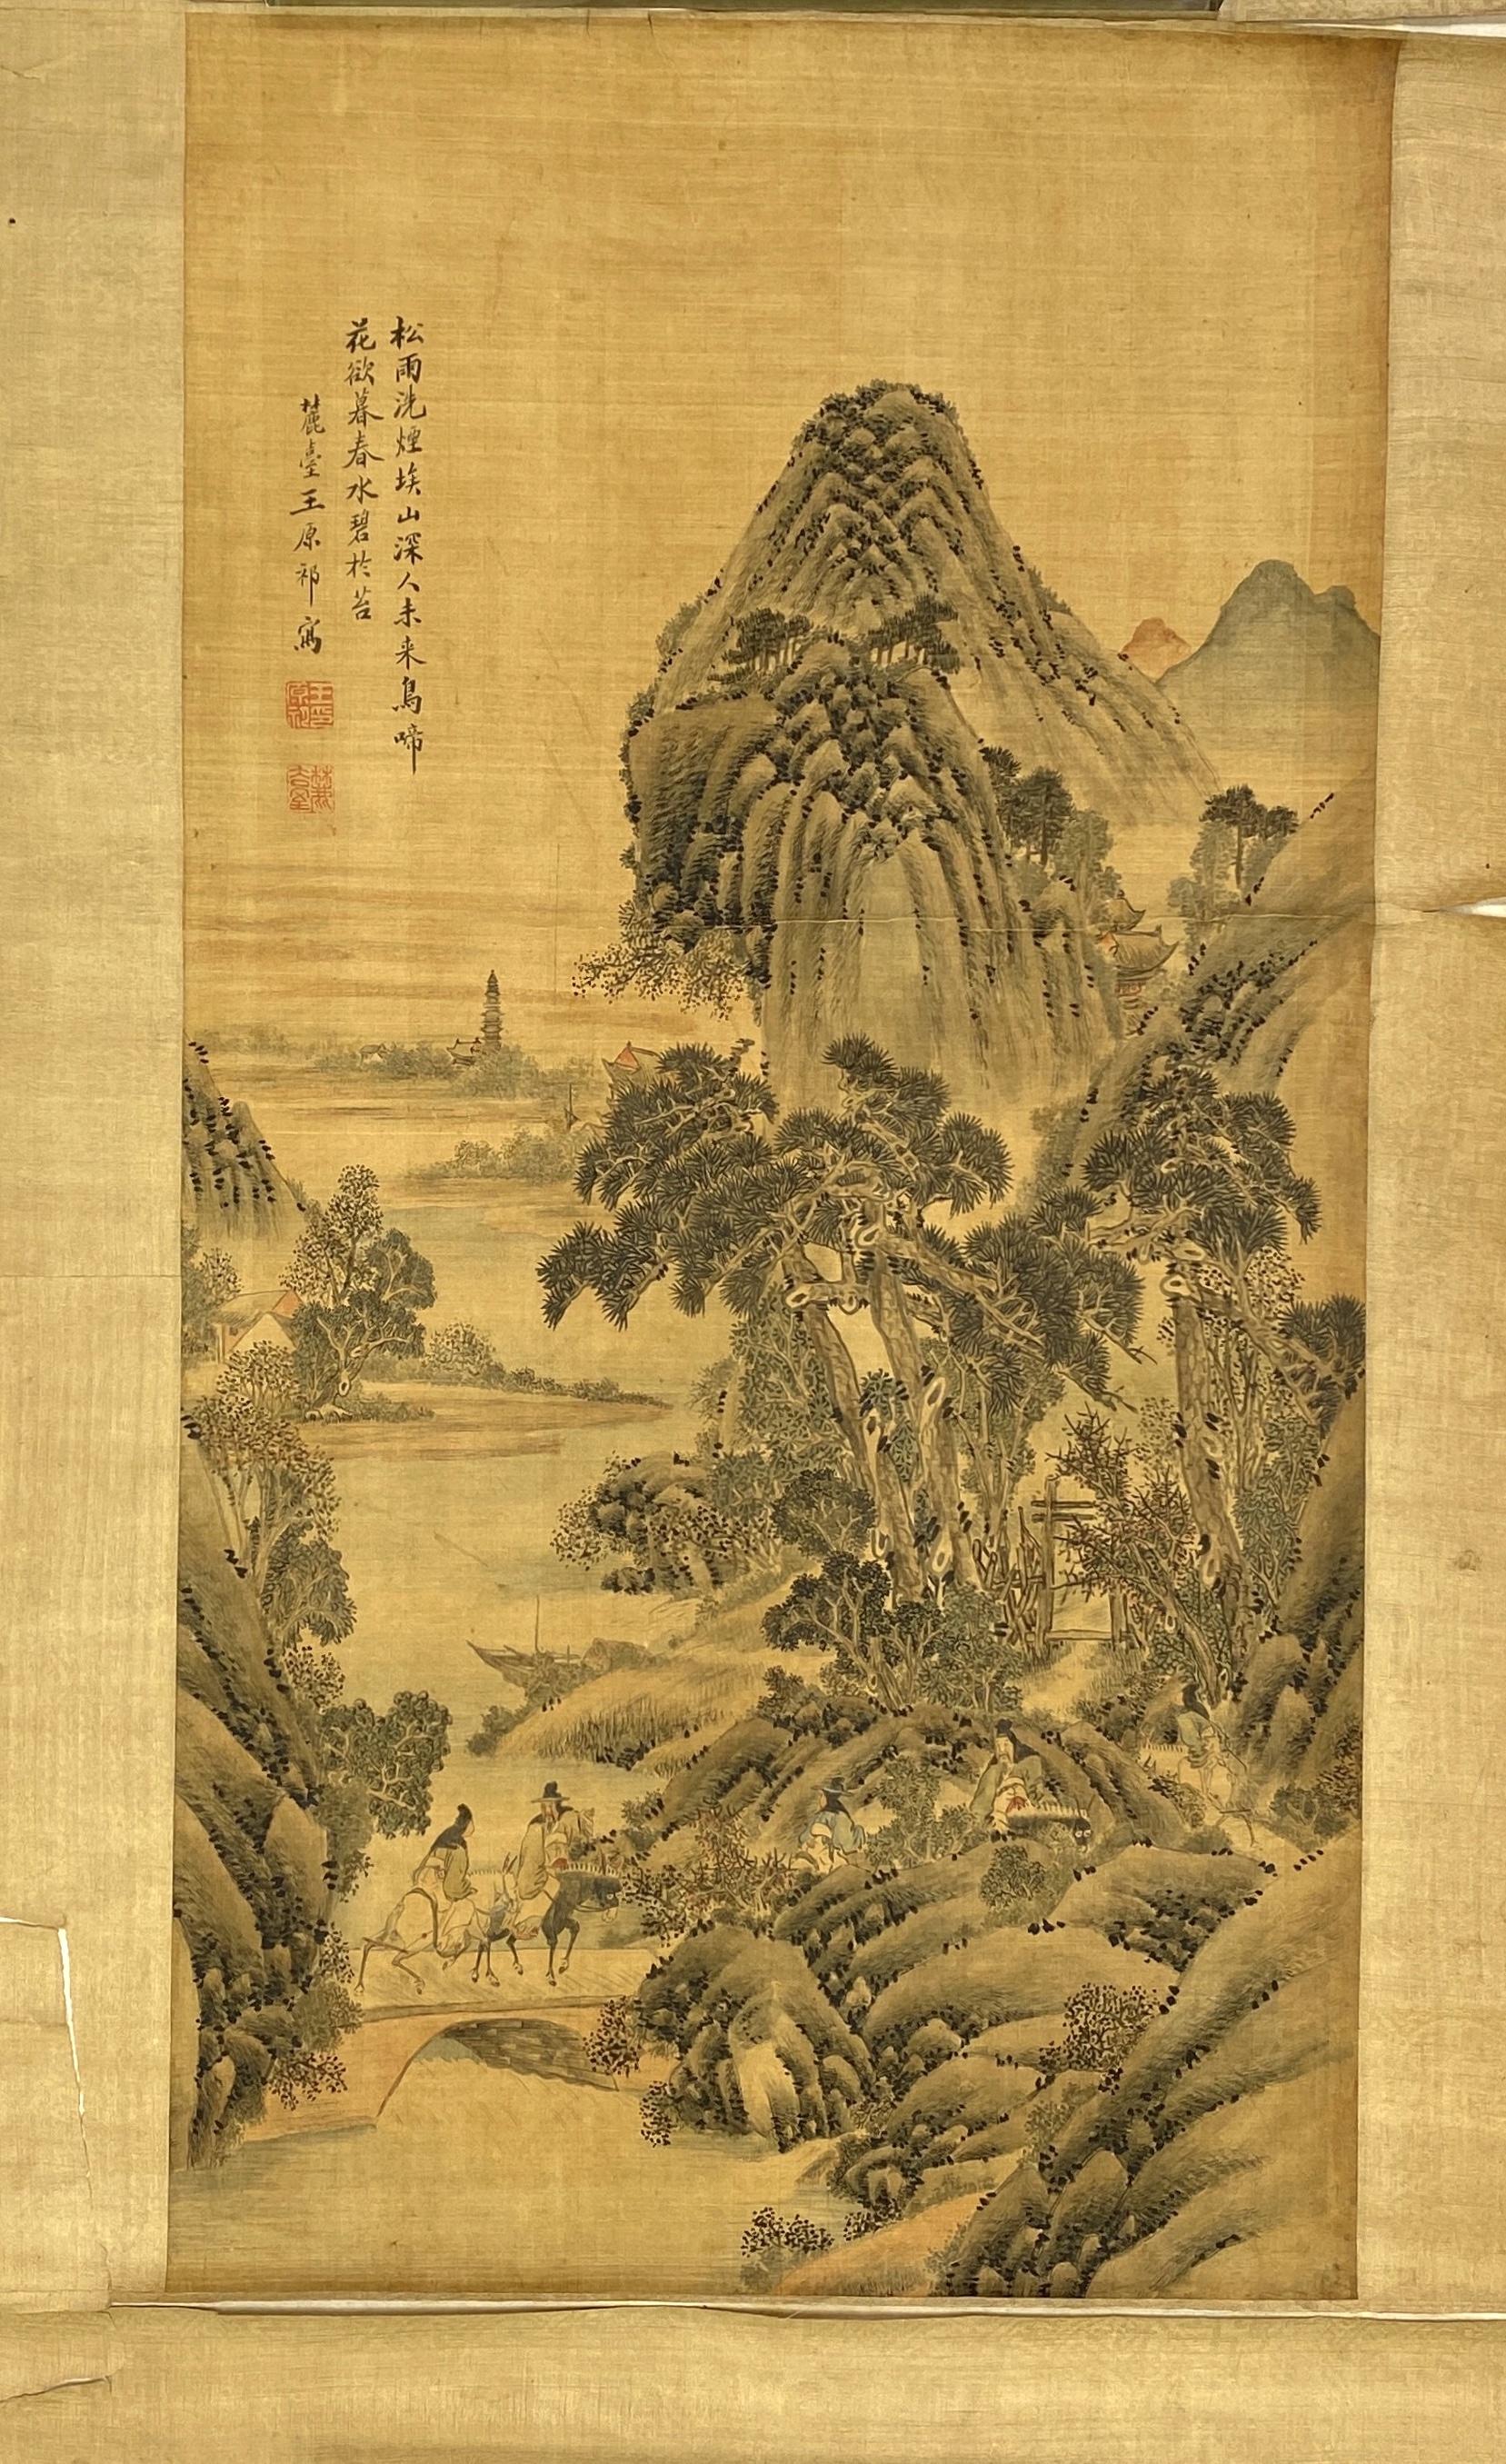 20674「王原祁」款 古画 山水騎馬人物図 軸79×42cm